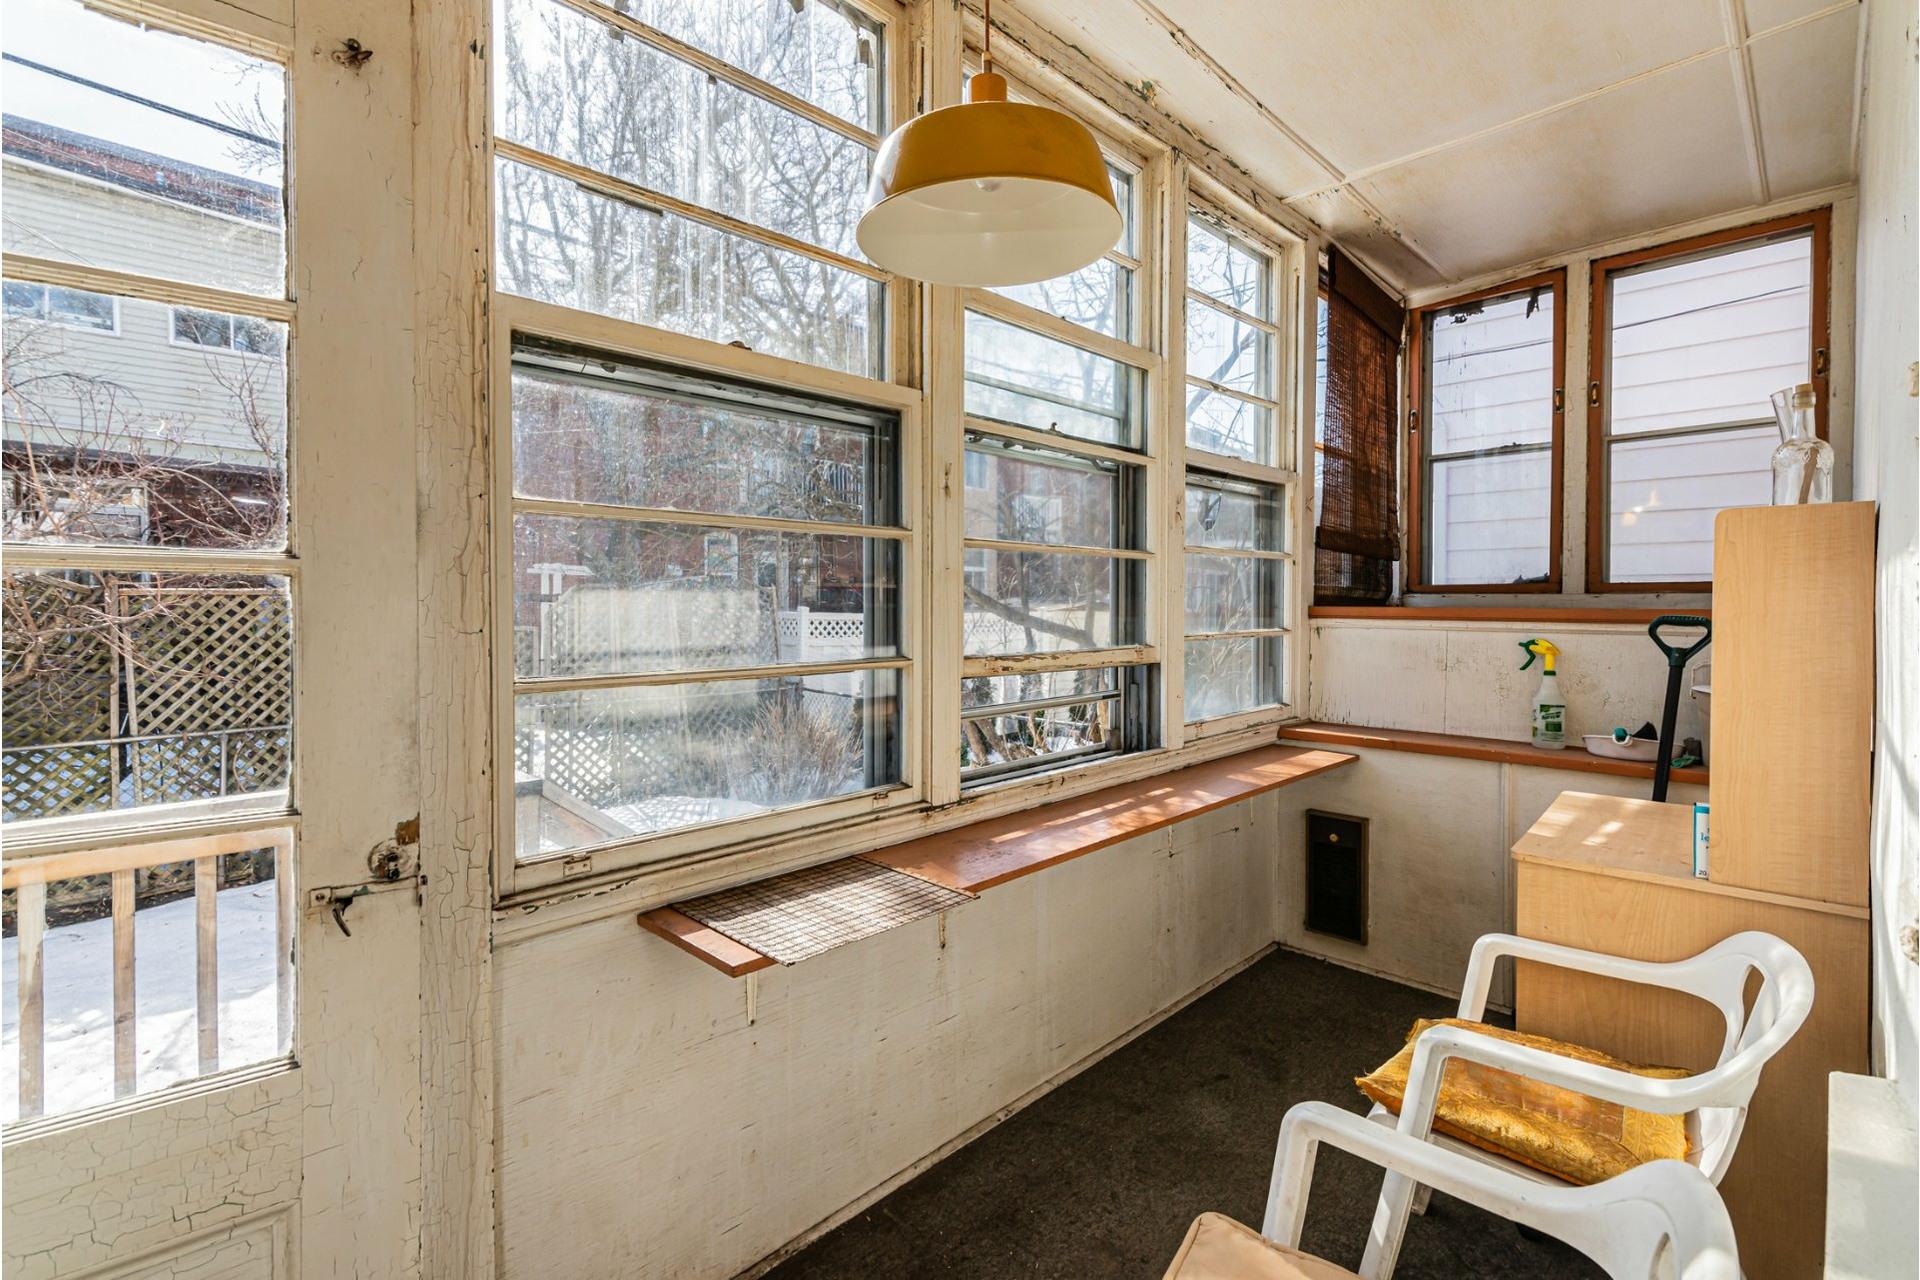 image 27 - Duplex À vendre Côte-des-Neiges/Notre-Dame-de-Grâce Montréal  - 6 pièces